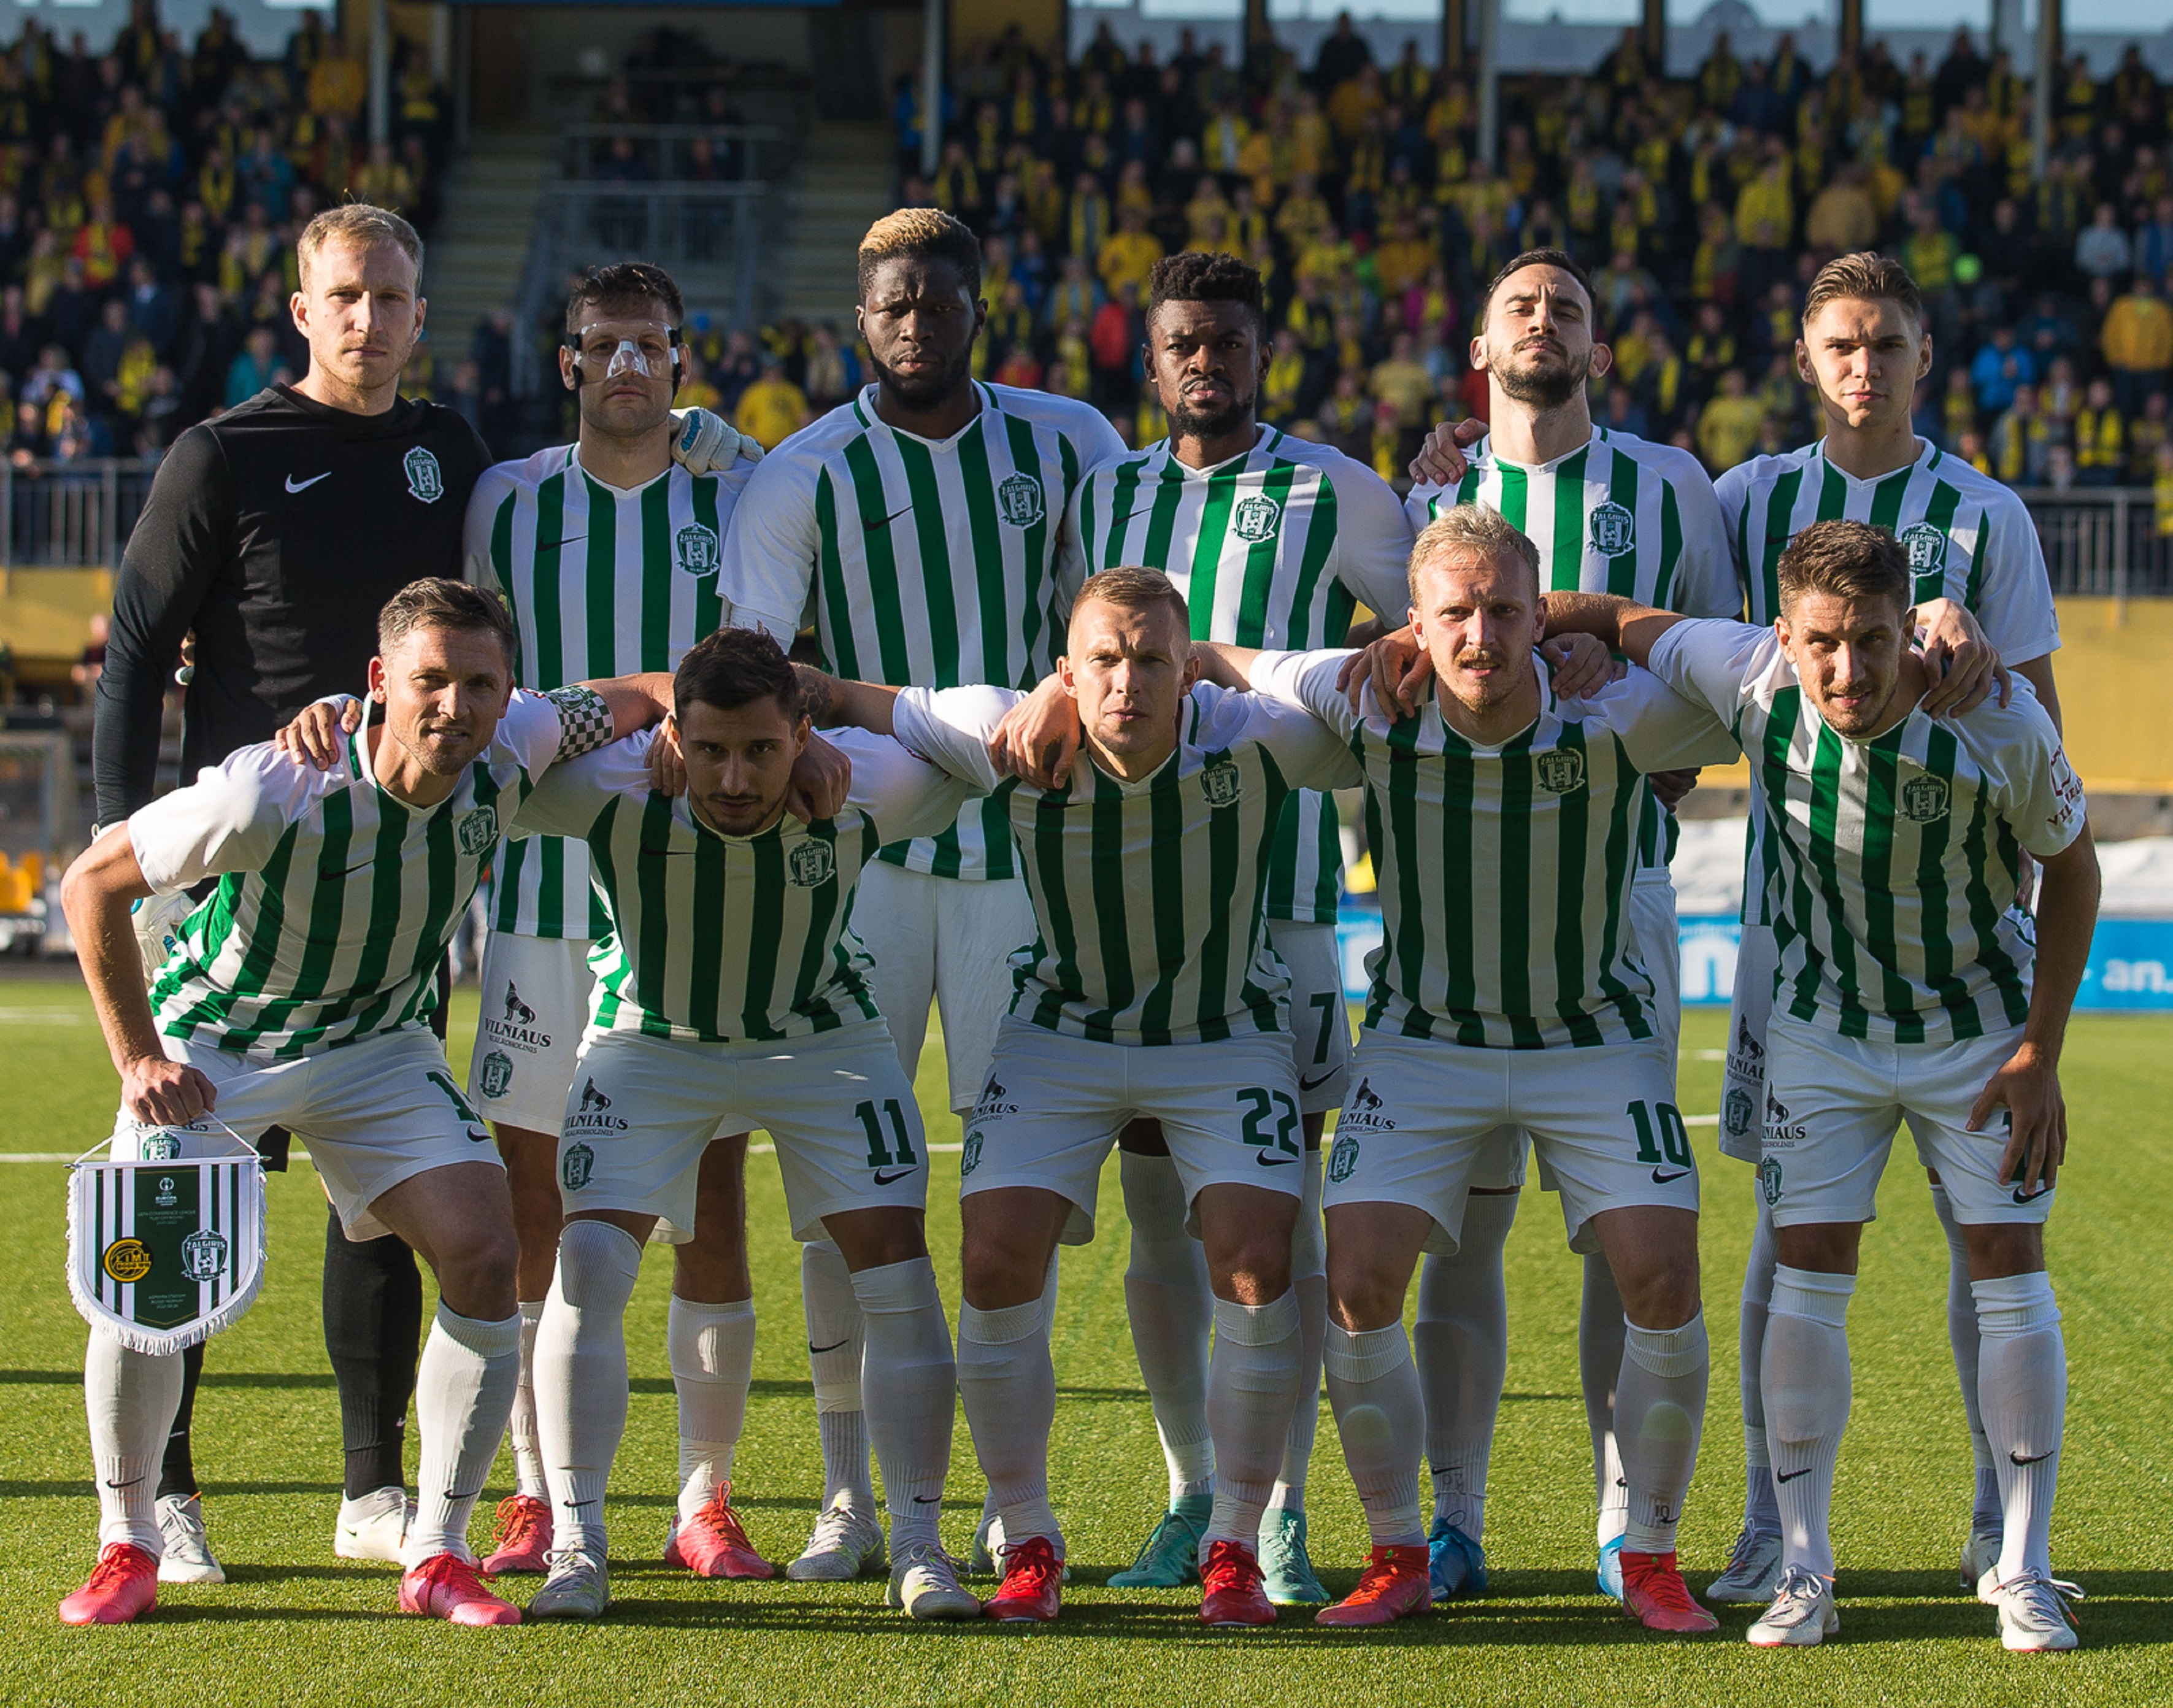 Будё Глимт (Норвегия) - Жальгирис (Литва) 1:0